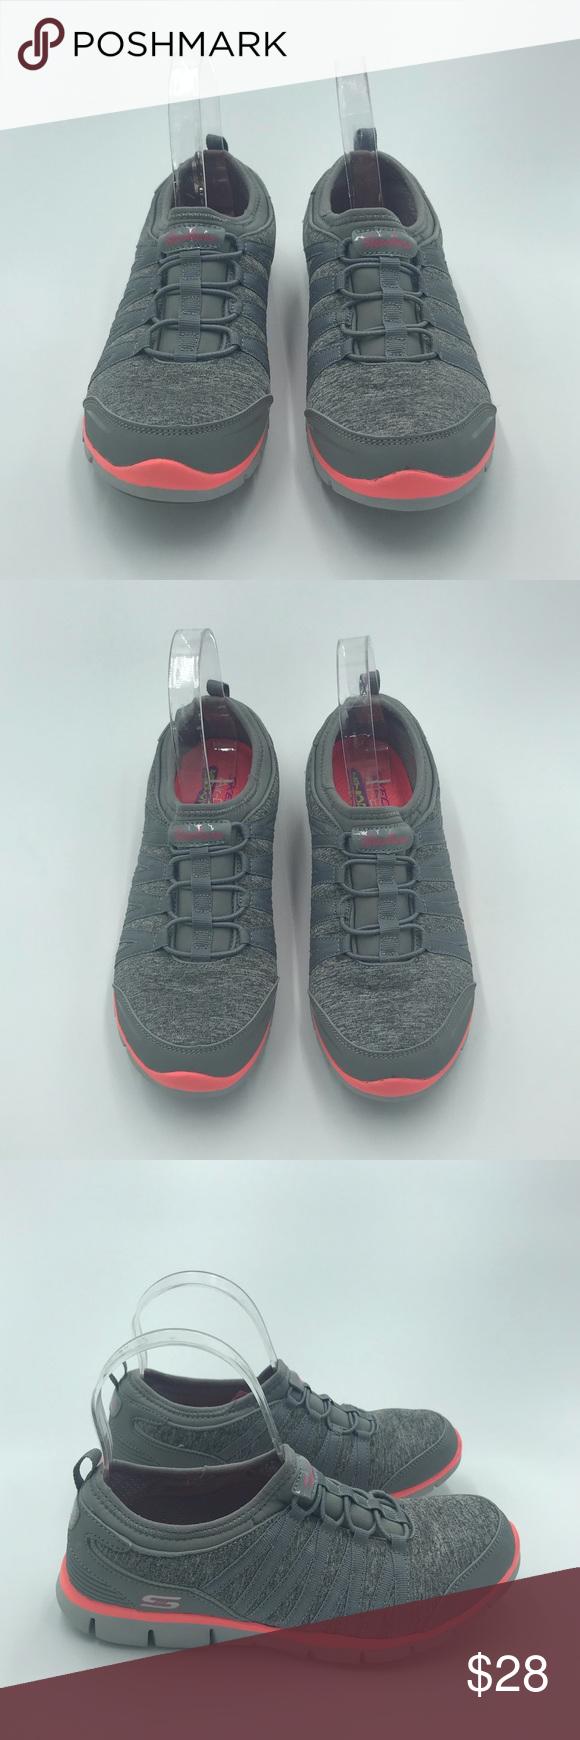 Skechers Air-Cooled Memory Foam Slip-On